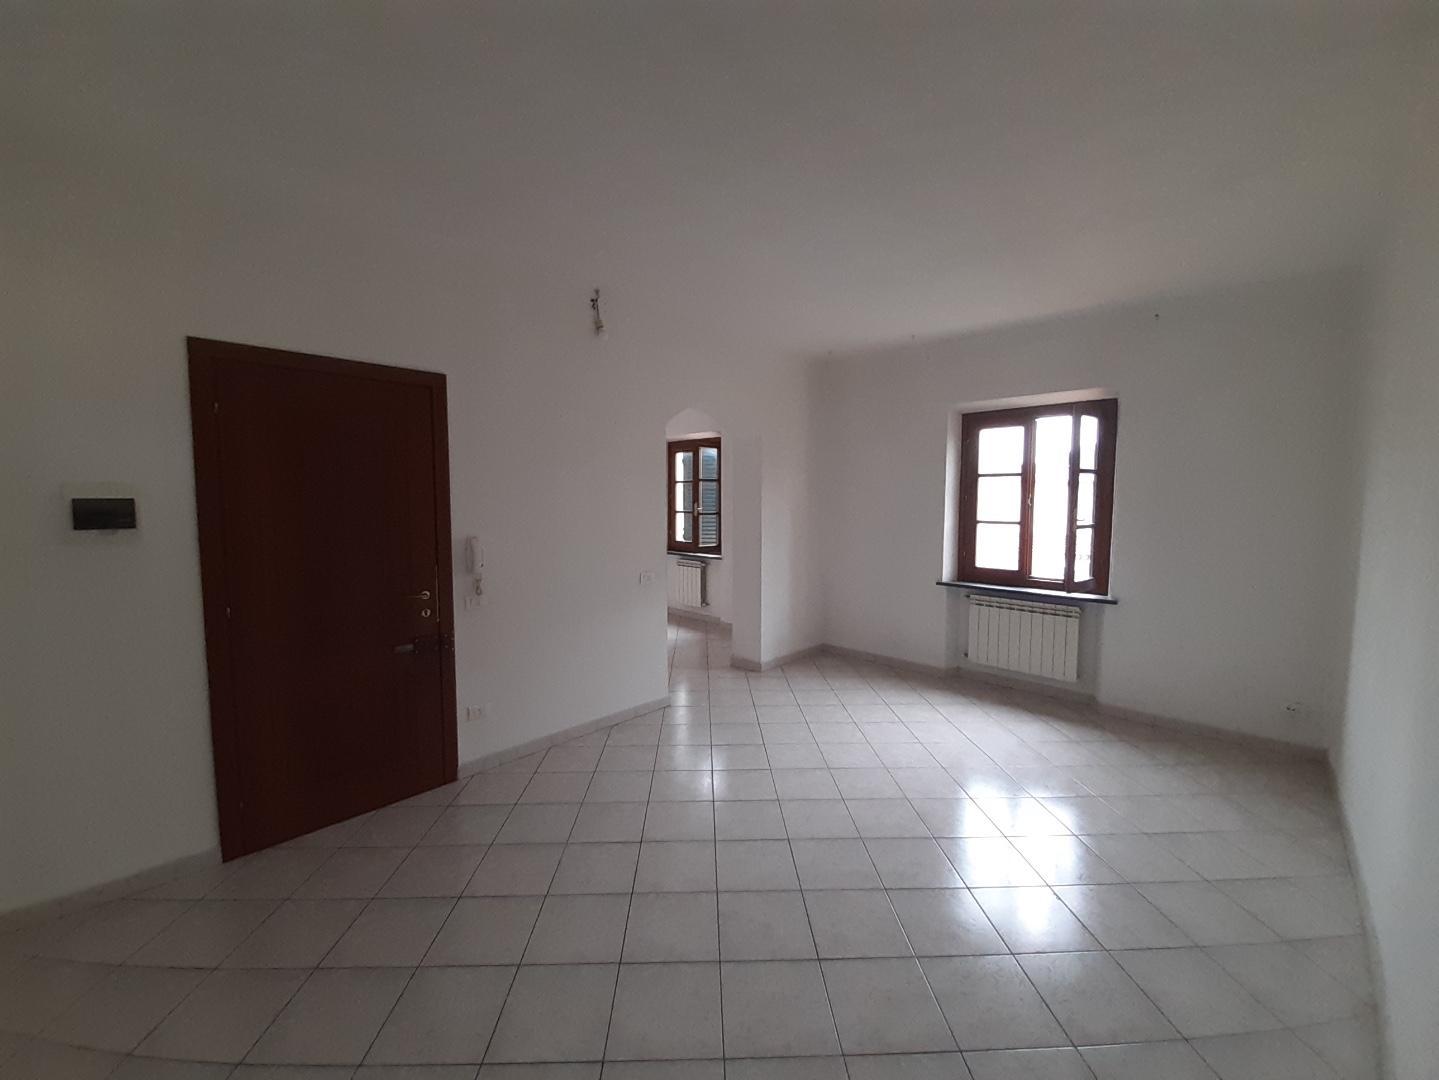 Appartamento in affitto, rif. a39/374